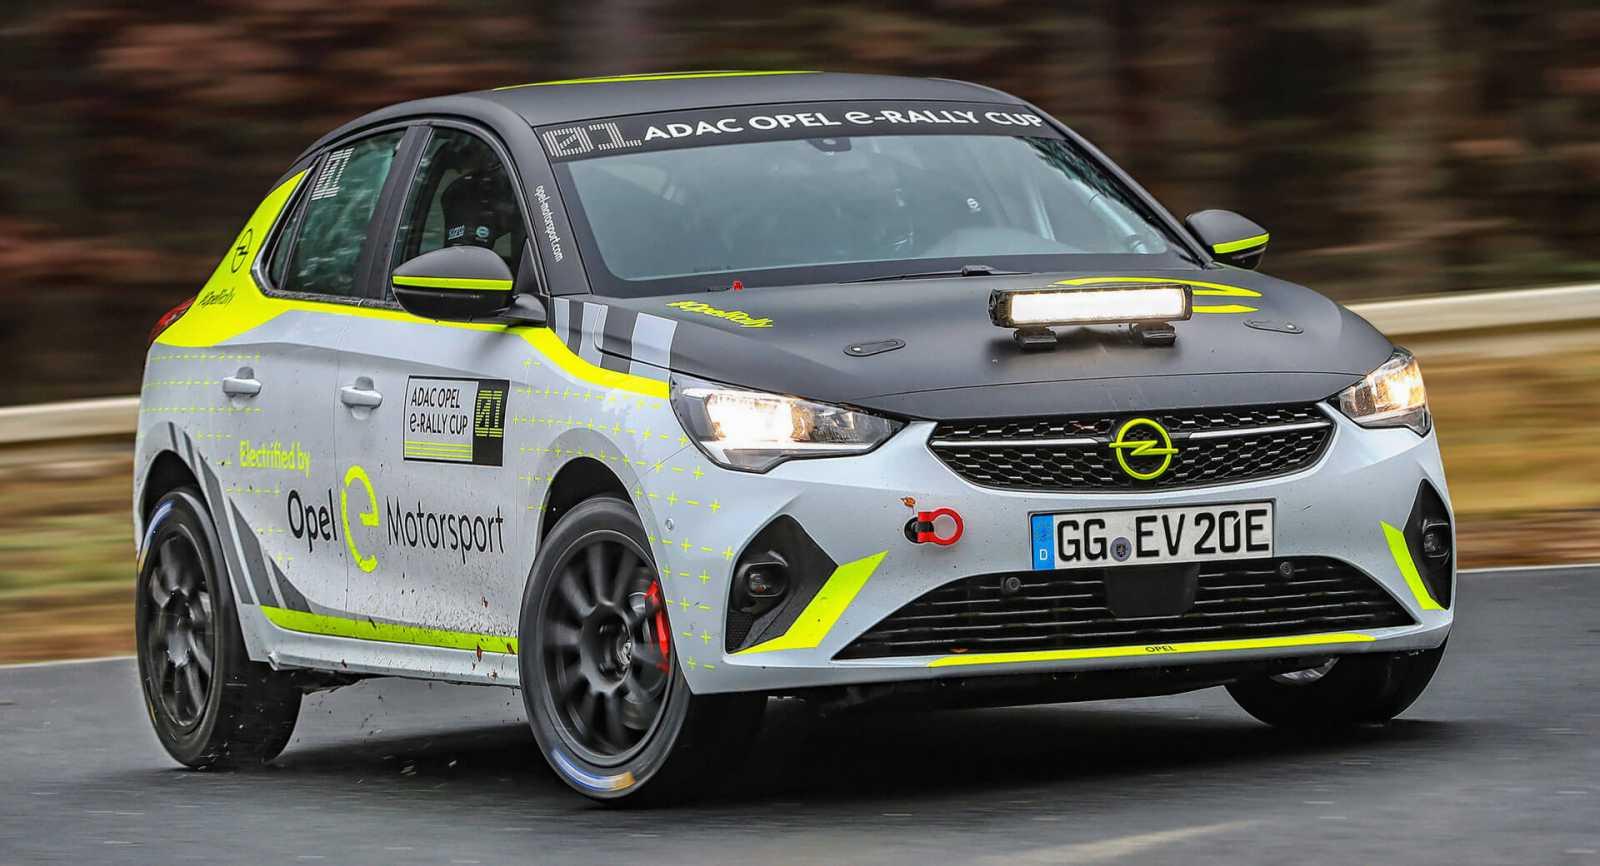 opel-corsa-e-electric-rally-car-0